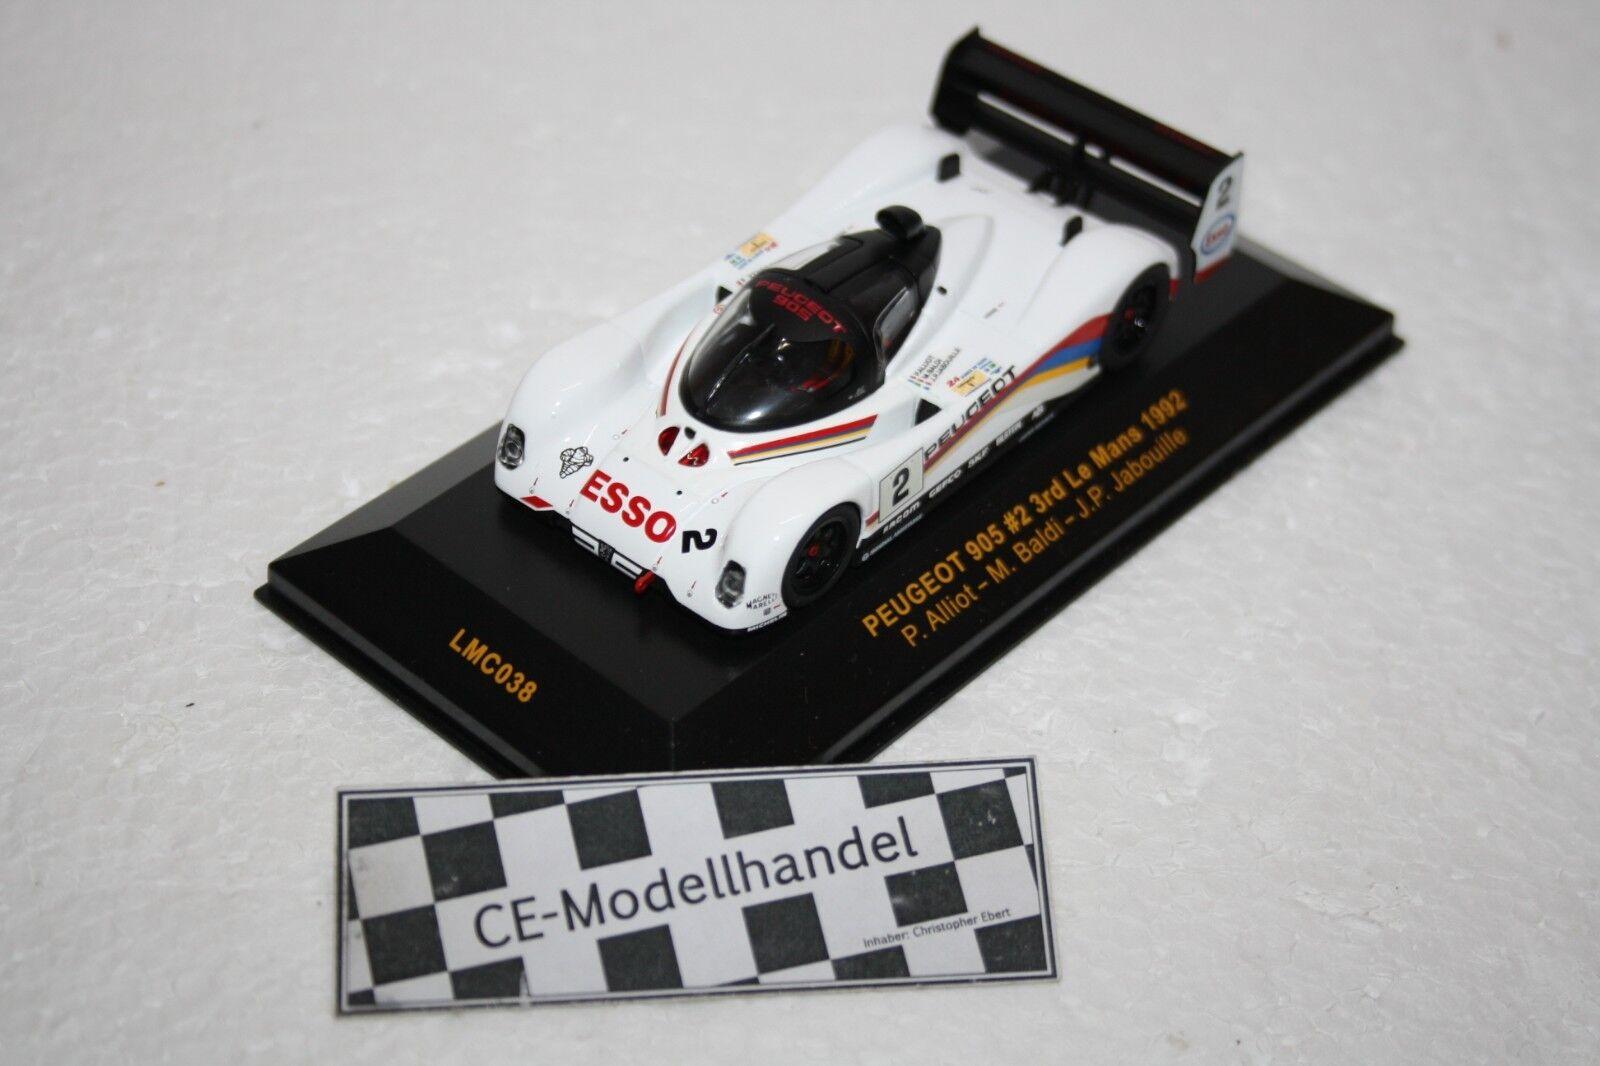 Peugeot 905 rd Le Mans • 1992 • Ixo LMC038 • 1 43